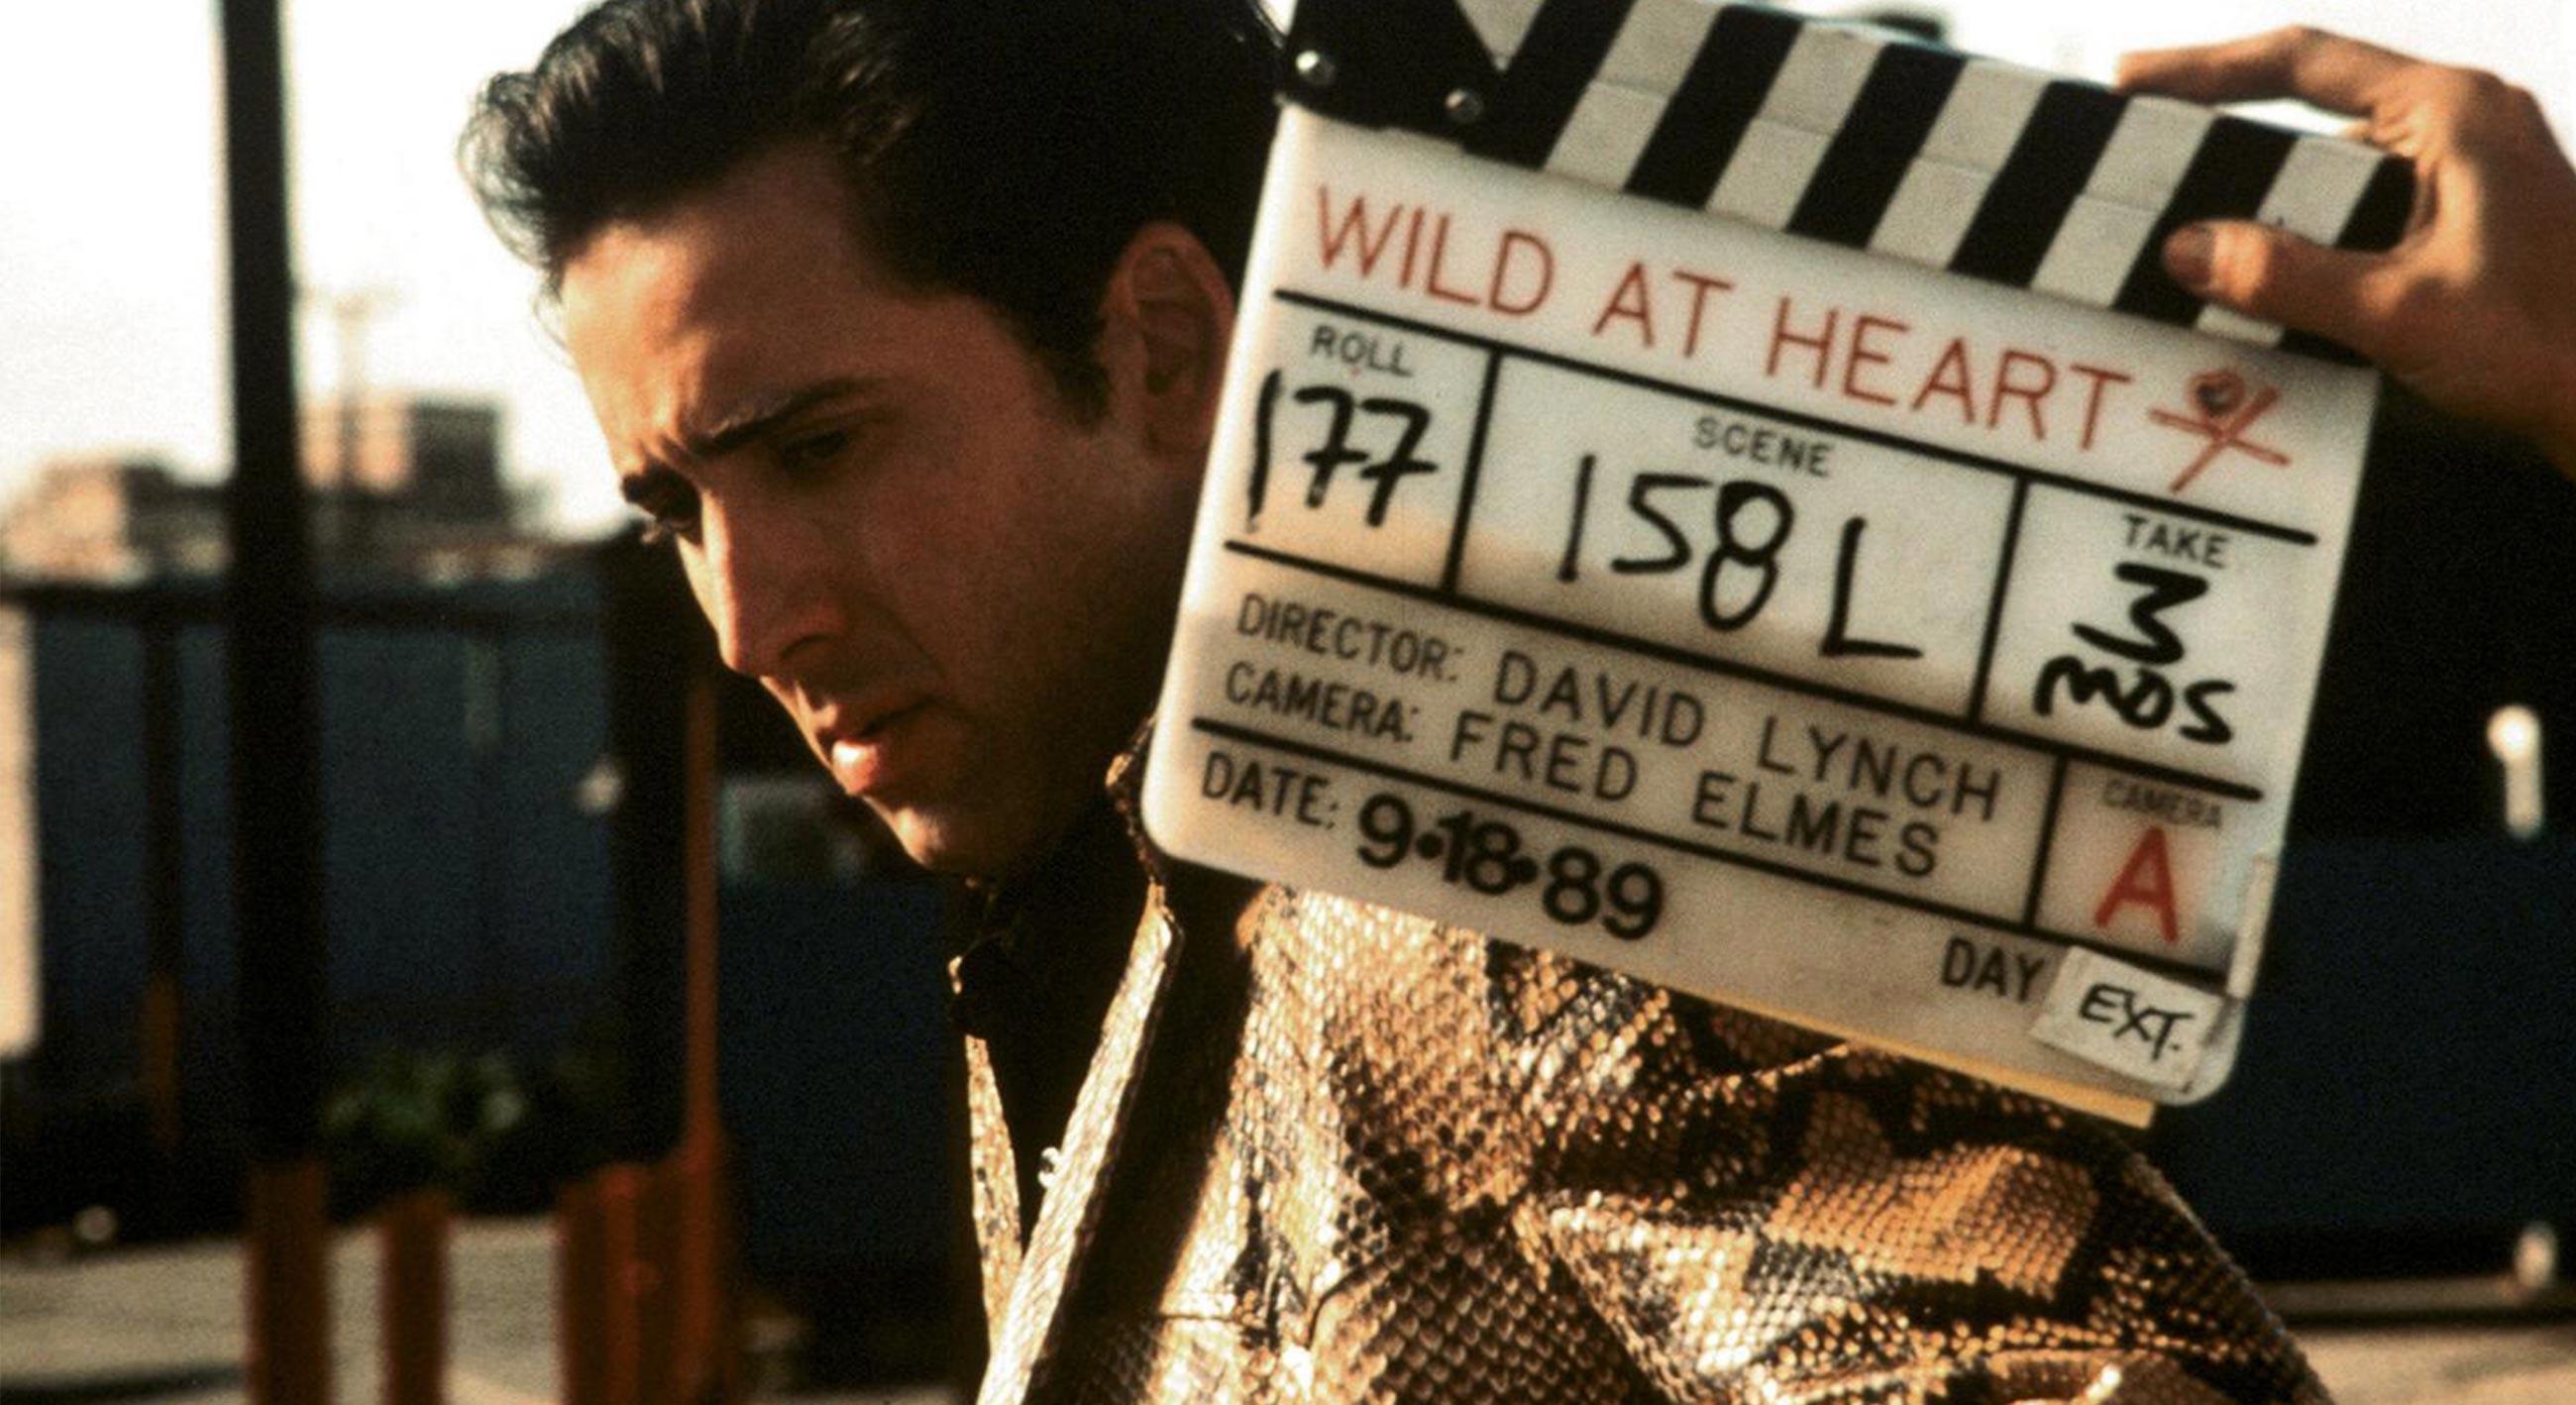 David Lynch TV still image from Wild at Heart